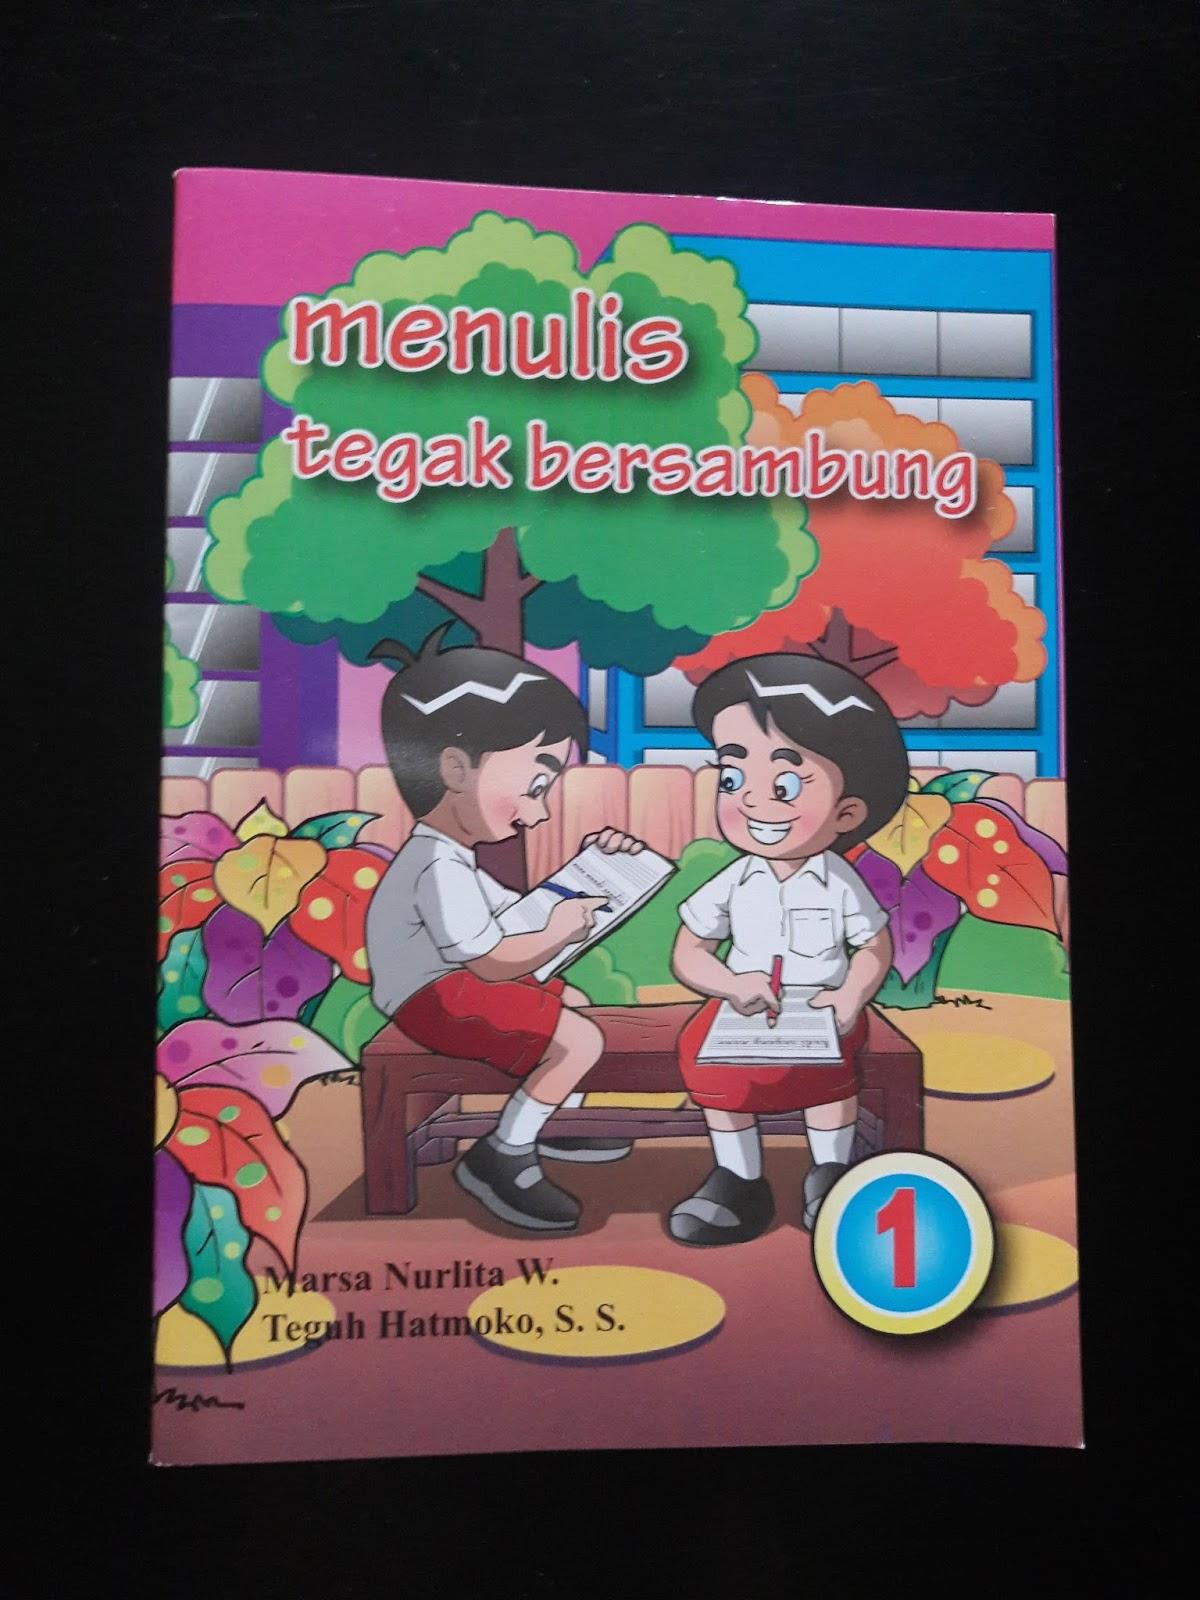 Les Privat Calistung Jogja Modul Belajar Membaca Anak Sd